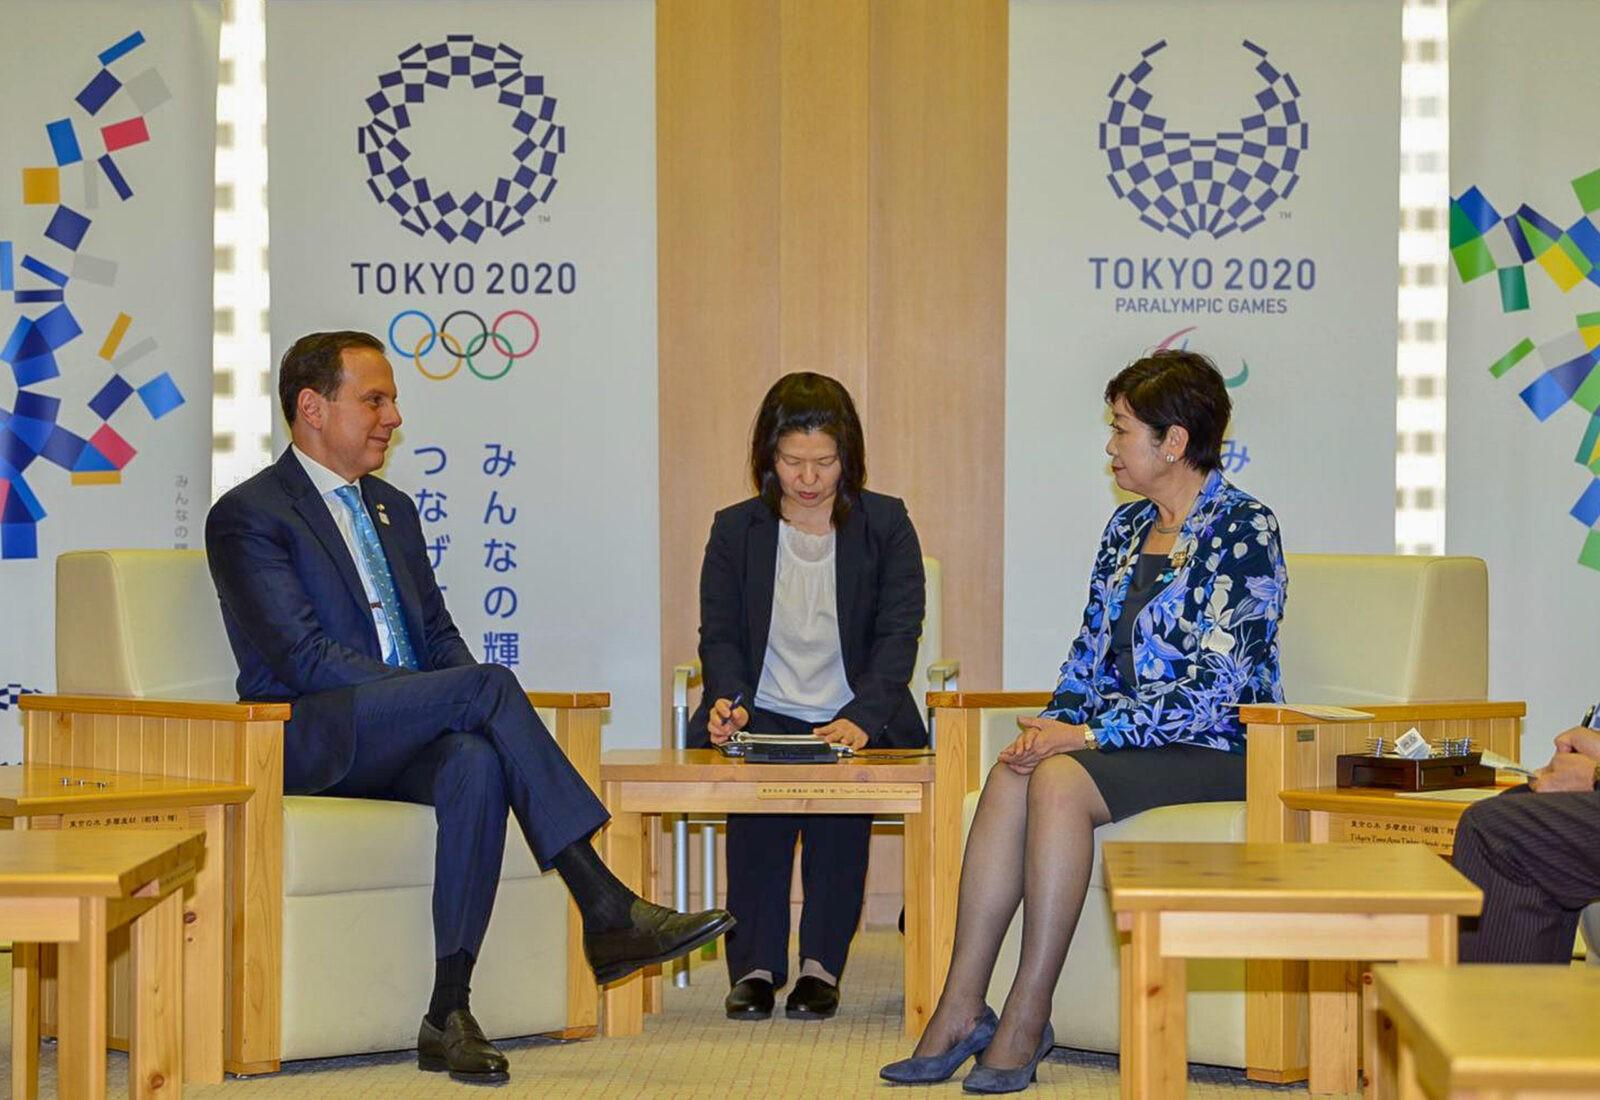 Губернатор Токио заявила, что отмена Олимпийских игр немыслима